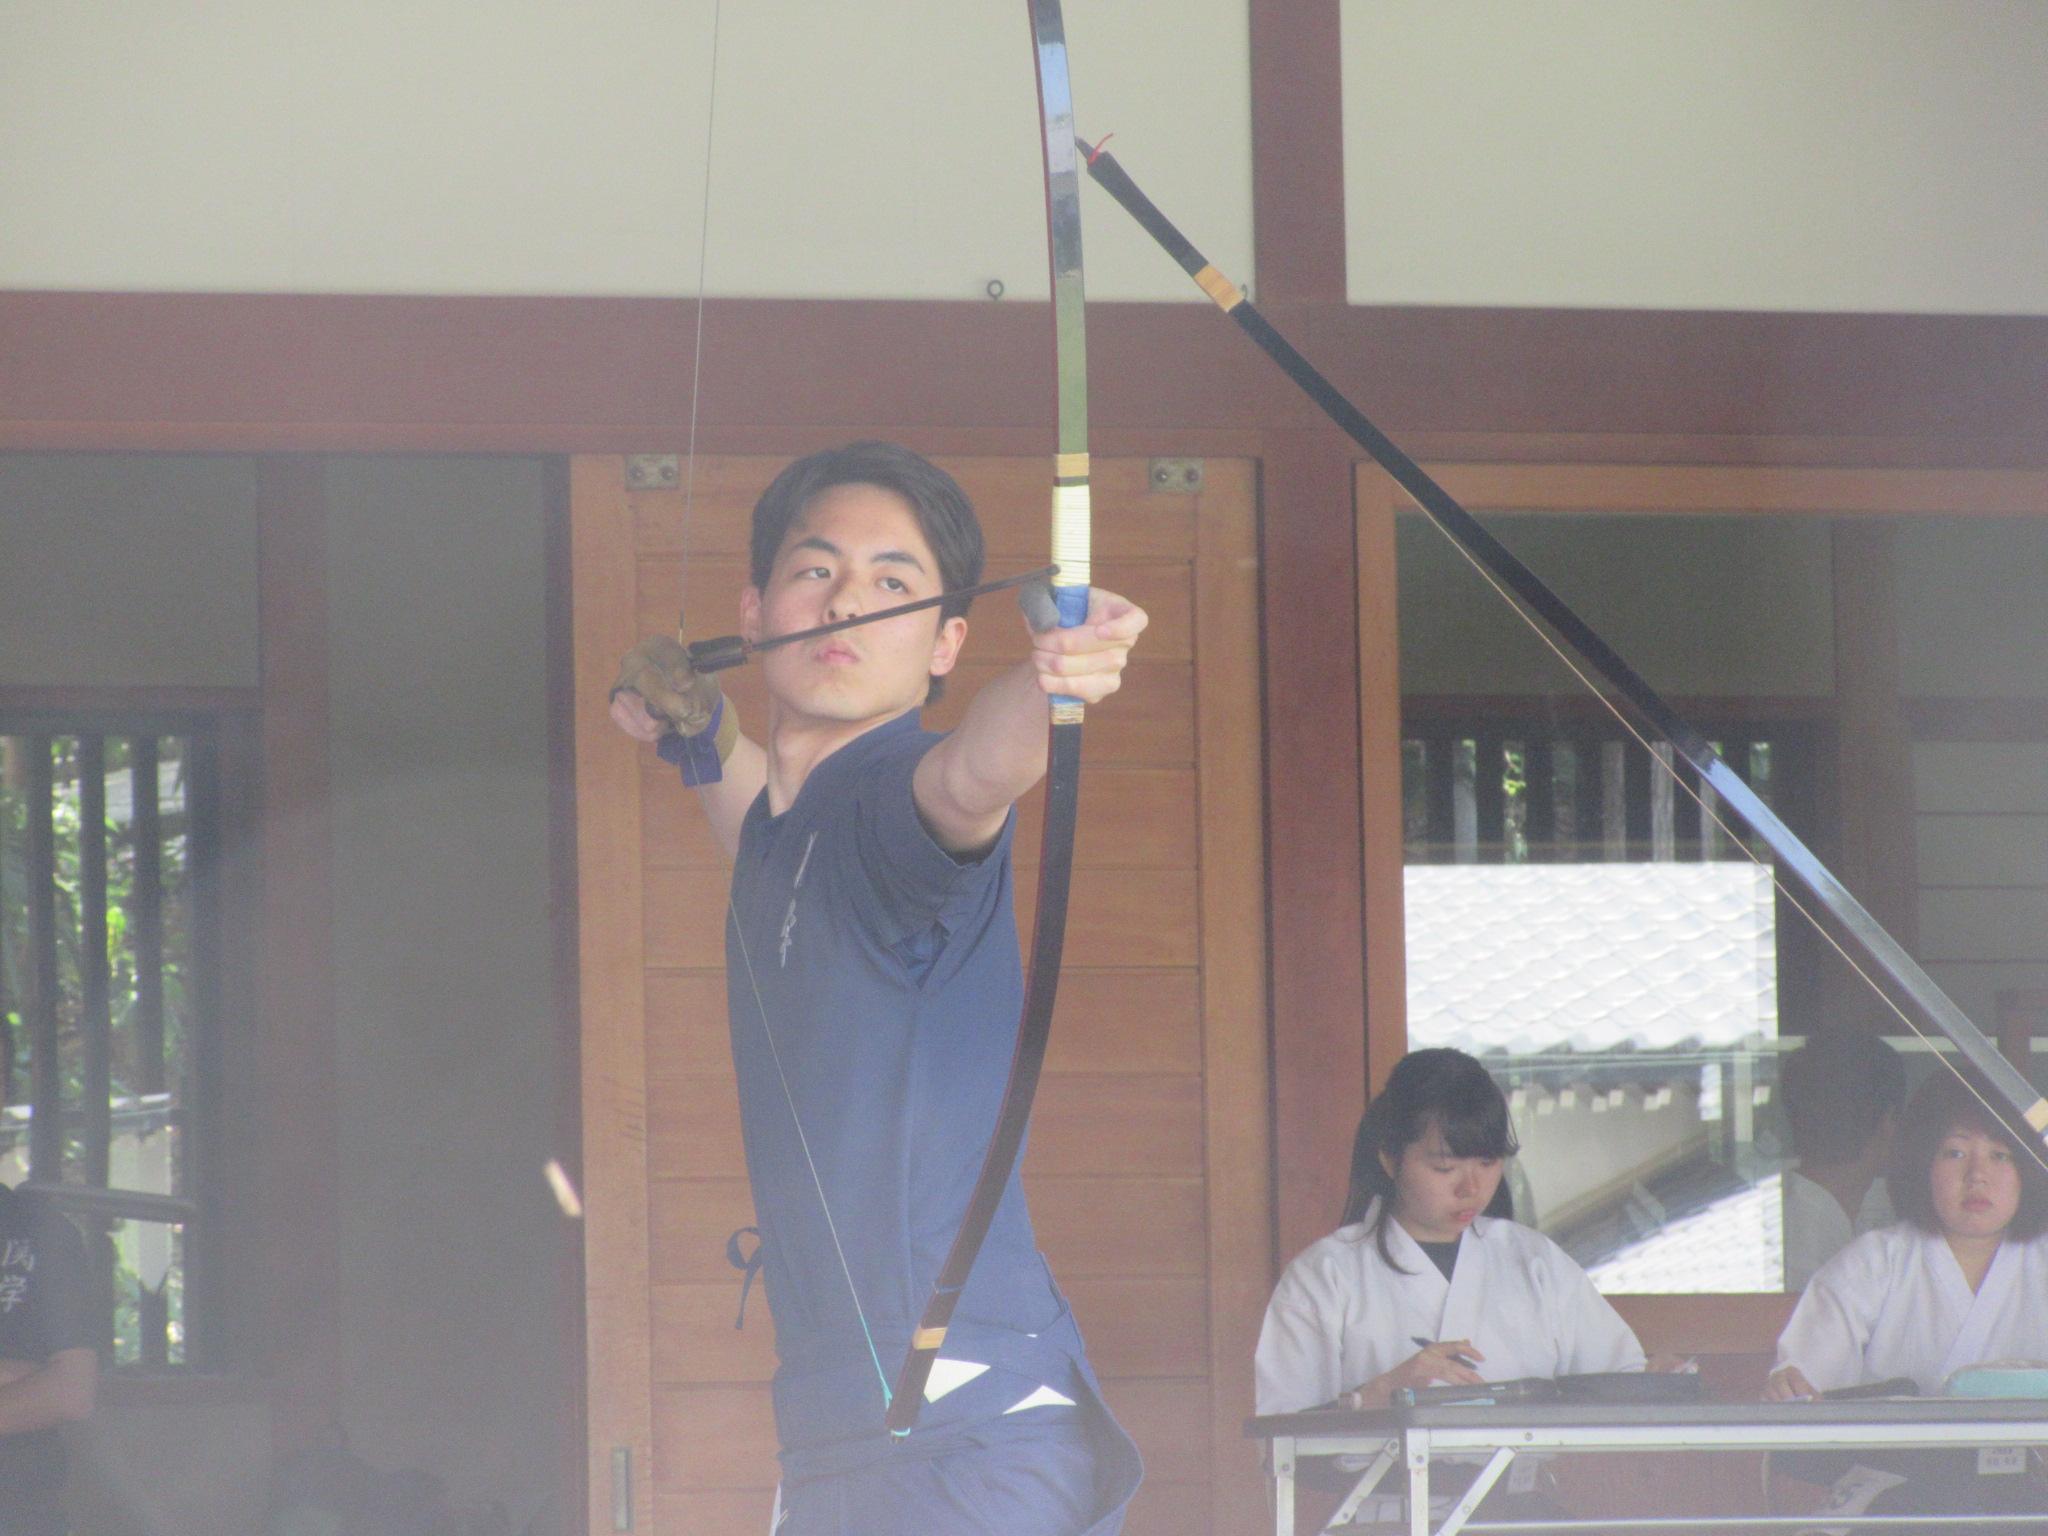 中島(4)兵庫学連のサポートで孤軍奮闘、仕事に安心感があります